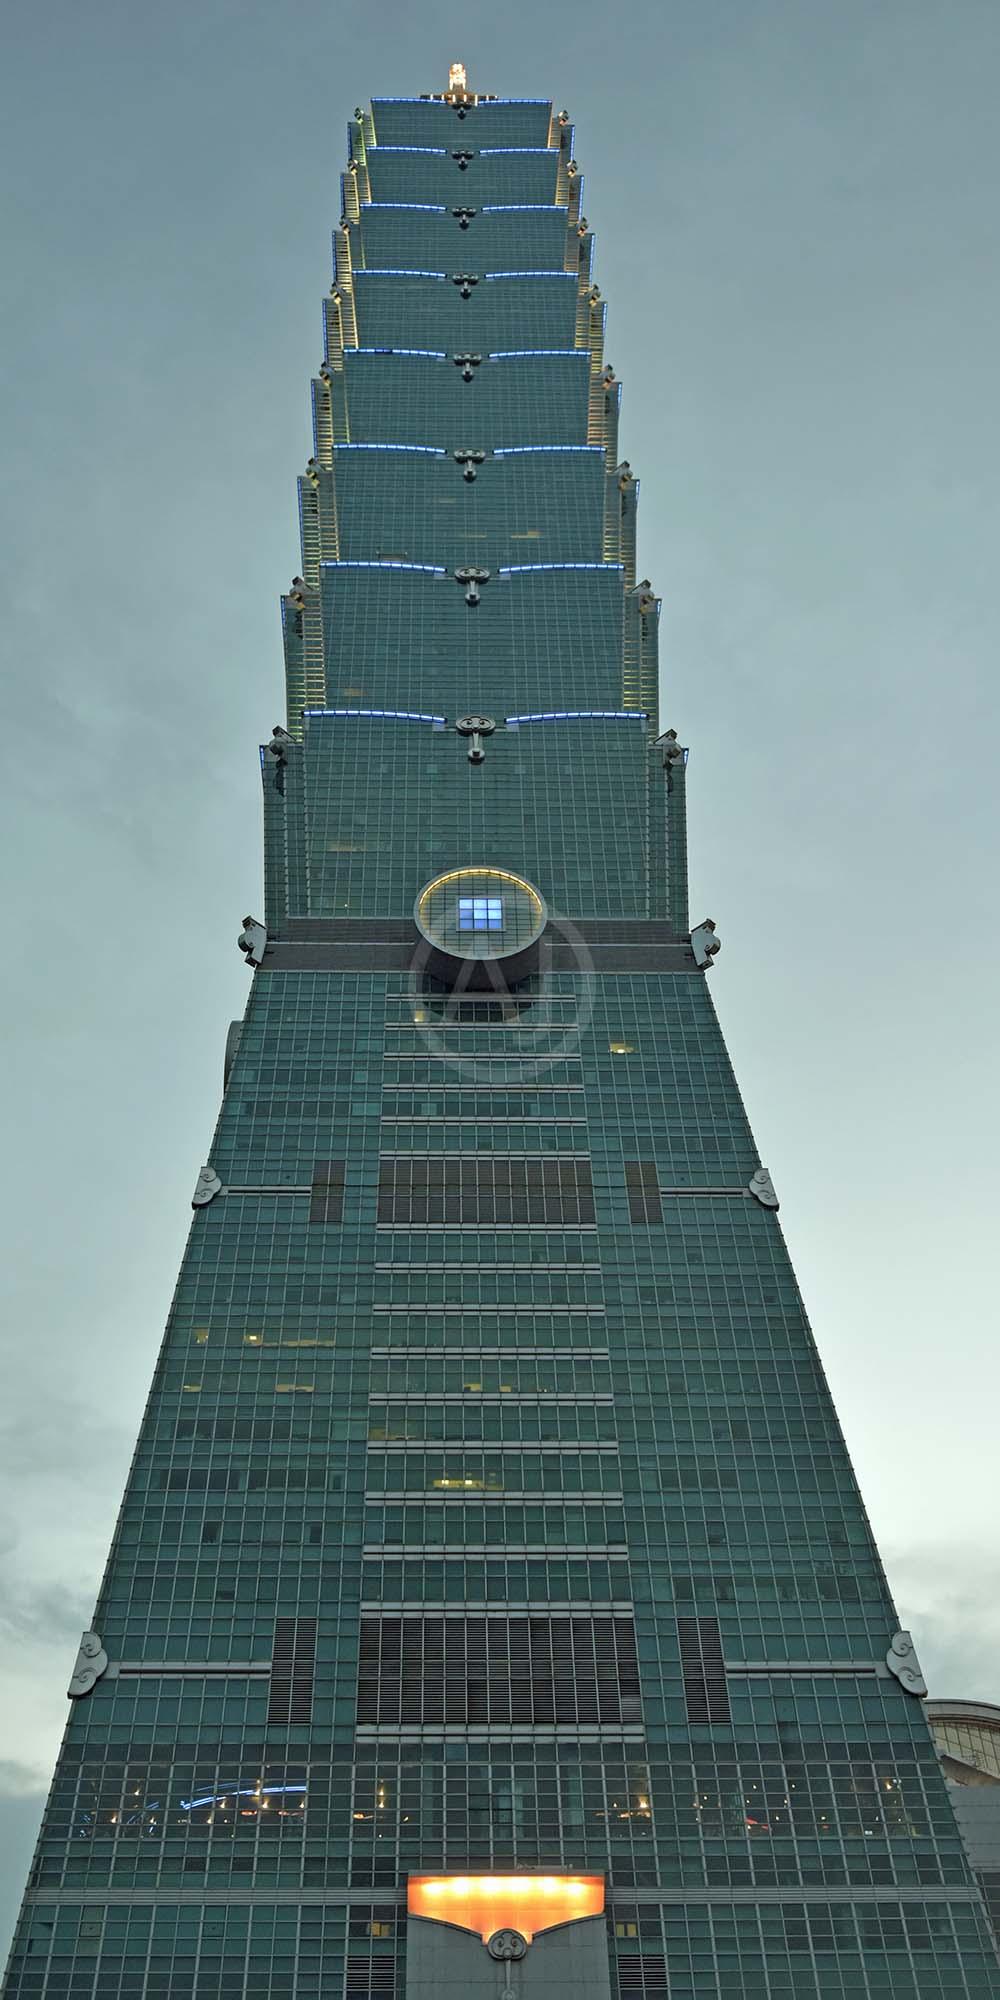 <i>Taipei 101, Taipei (Taiwan)</i>